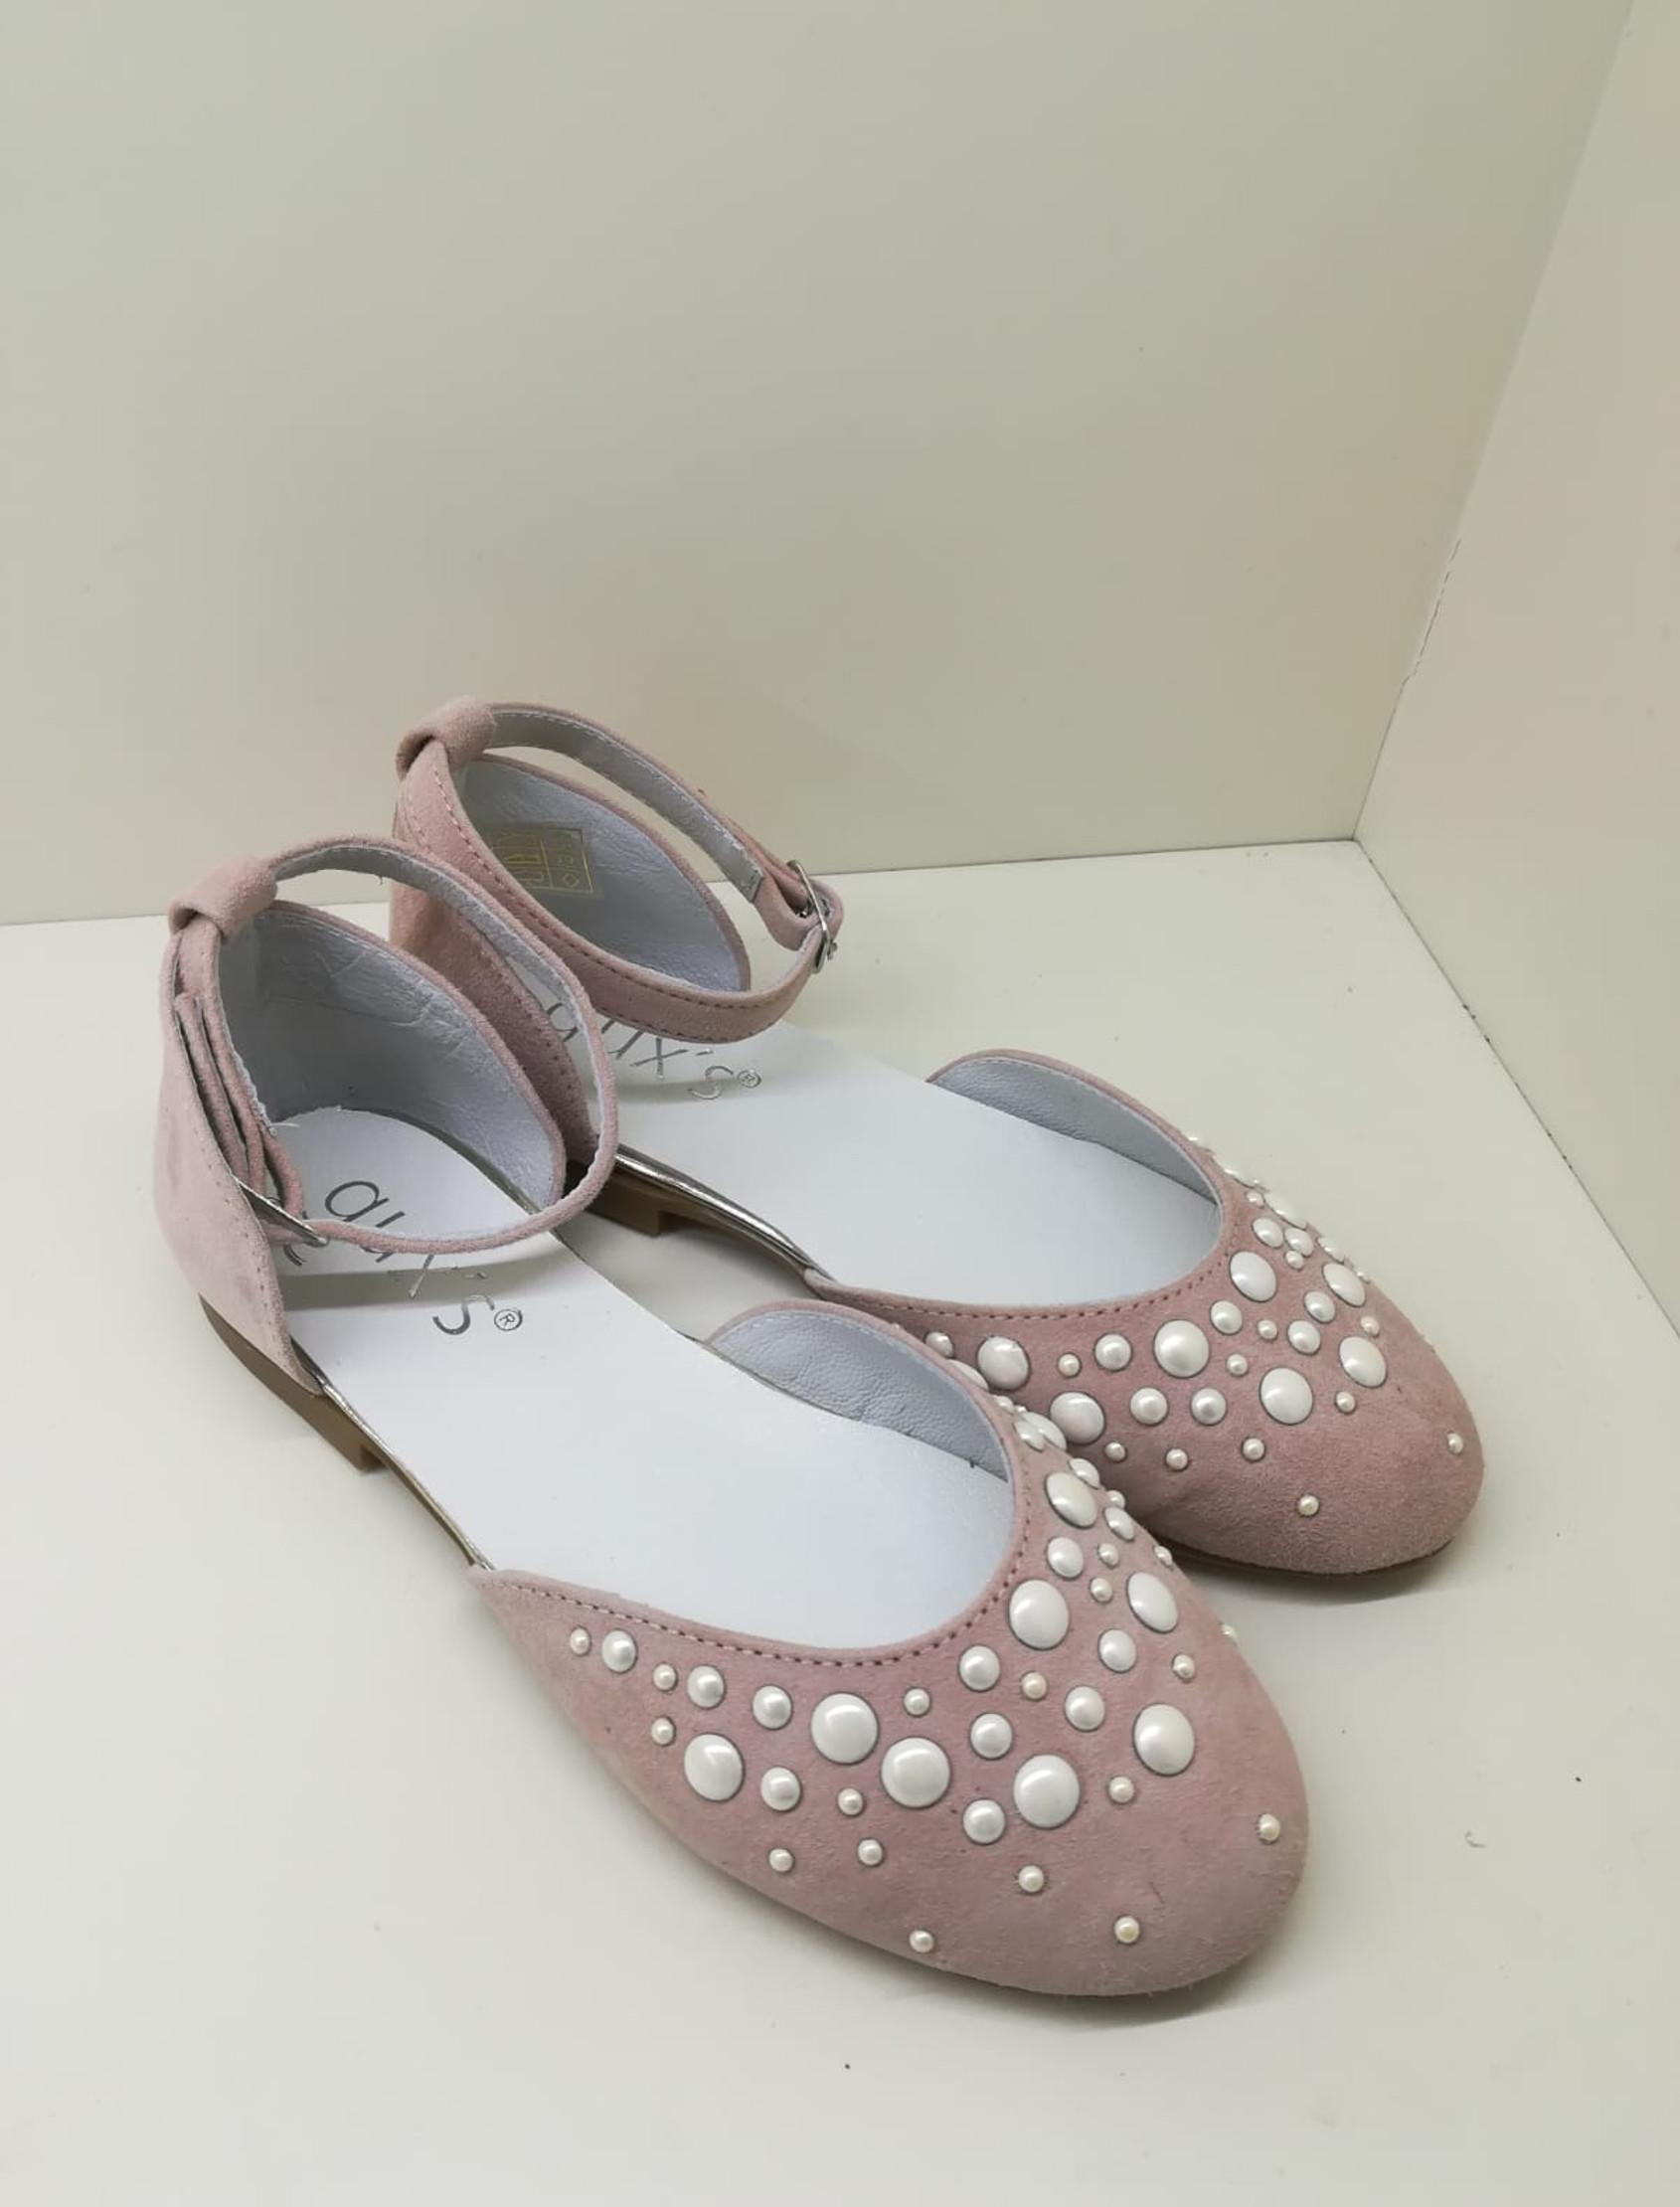 Bailarina semiabierta en ante rosa. Con perlas en la parte delantera a modo de adorno.